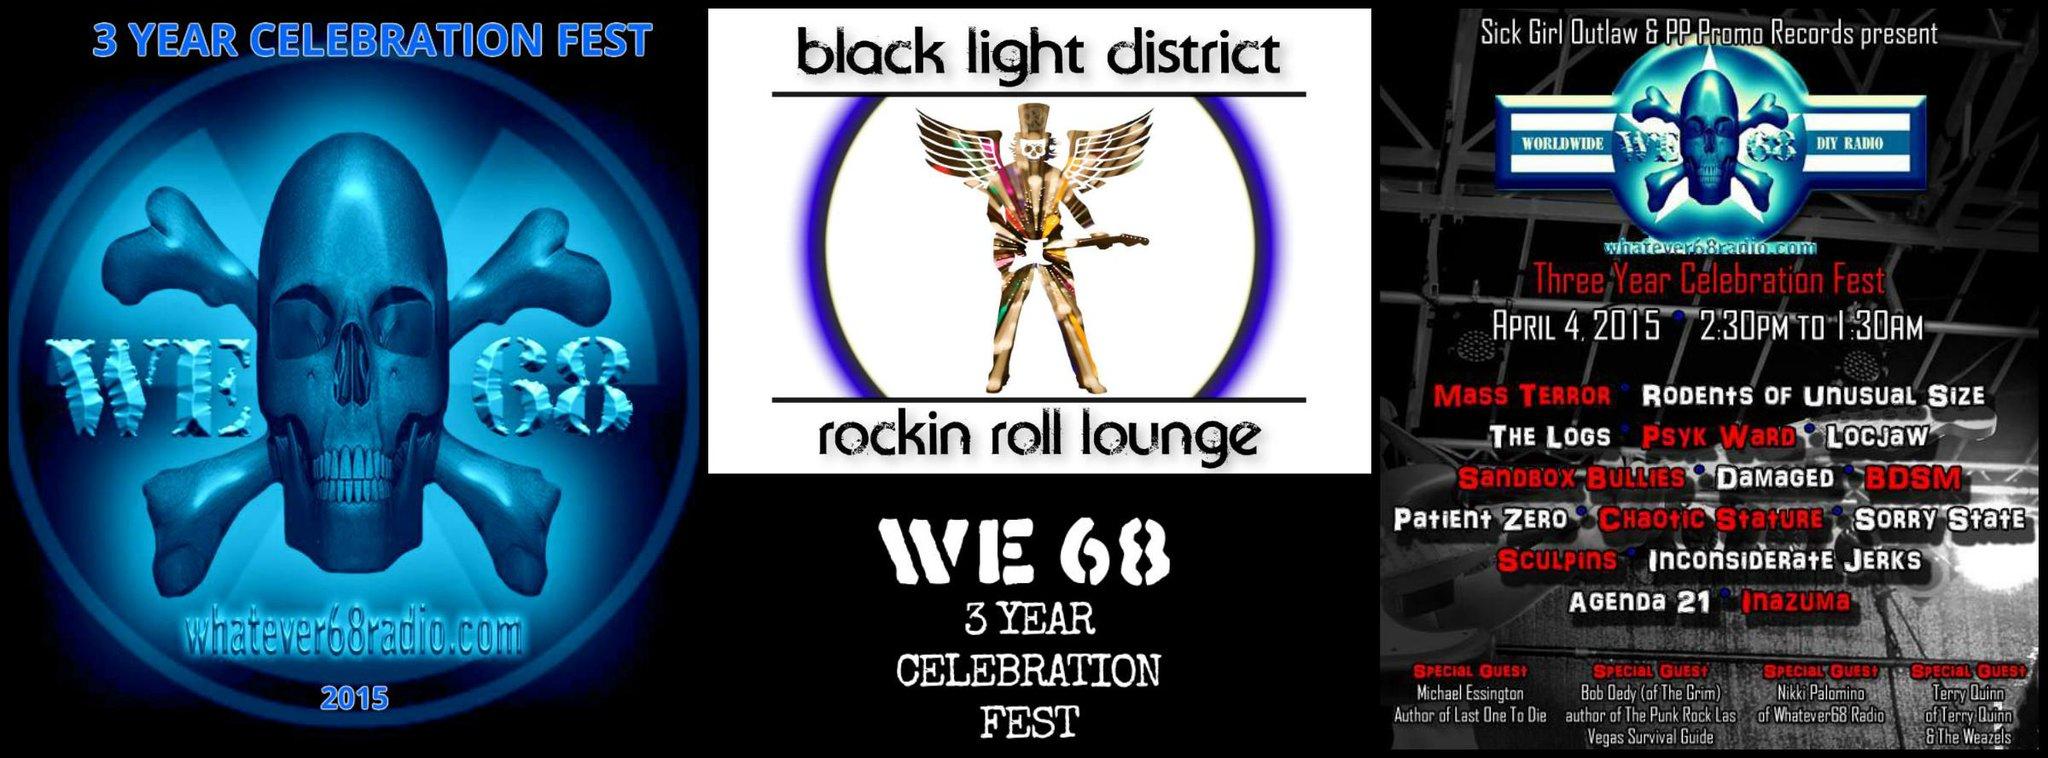 #we68 via #BeFunky http://t.co/tRgk5amS4d